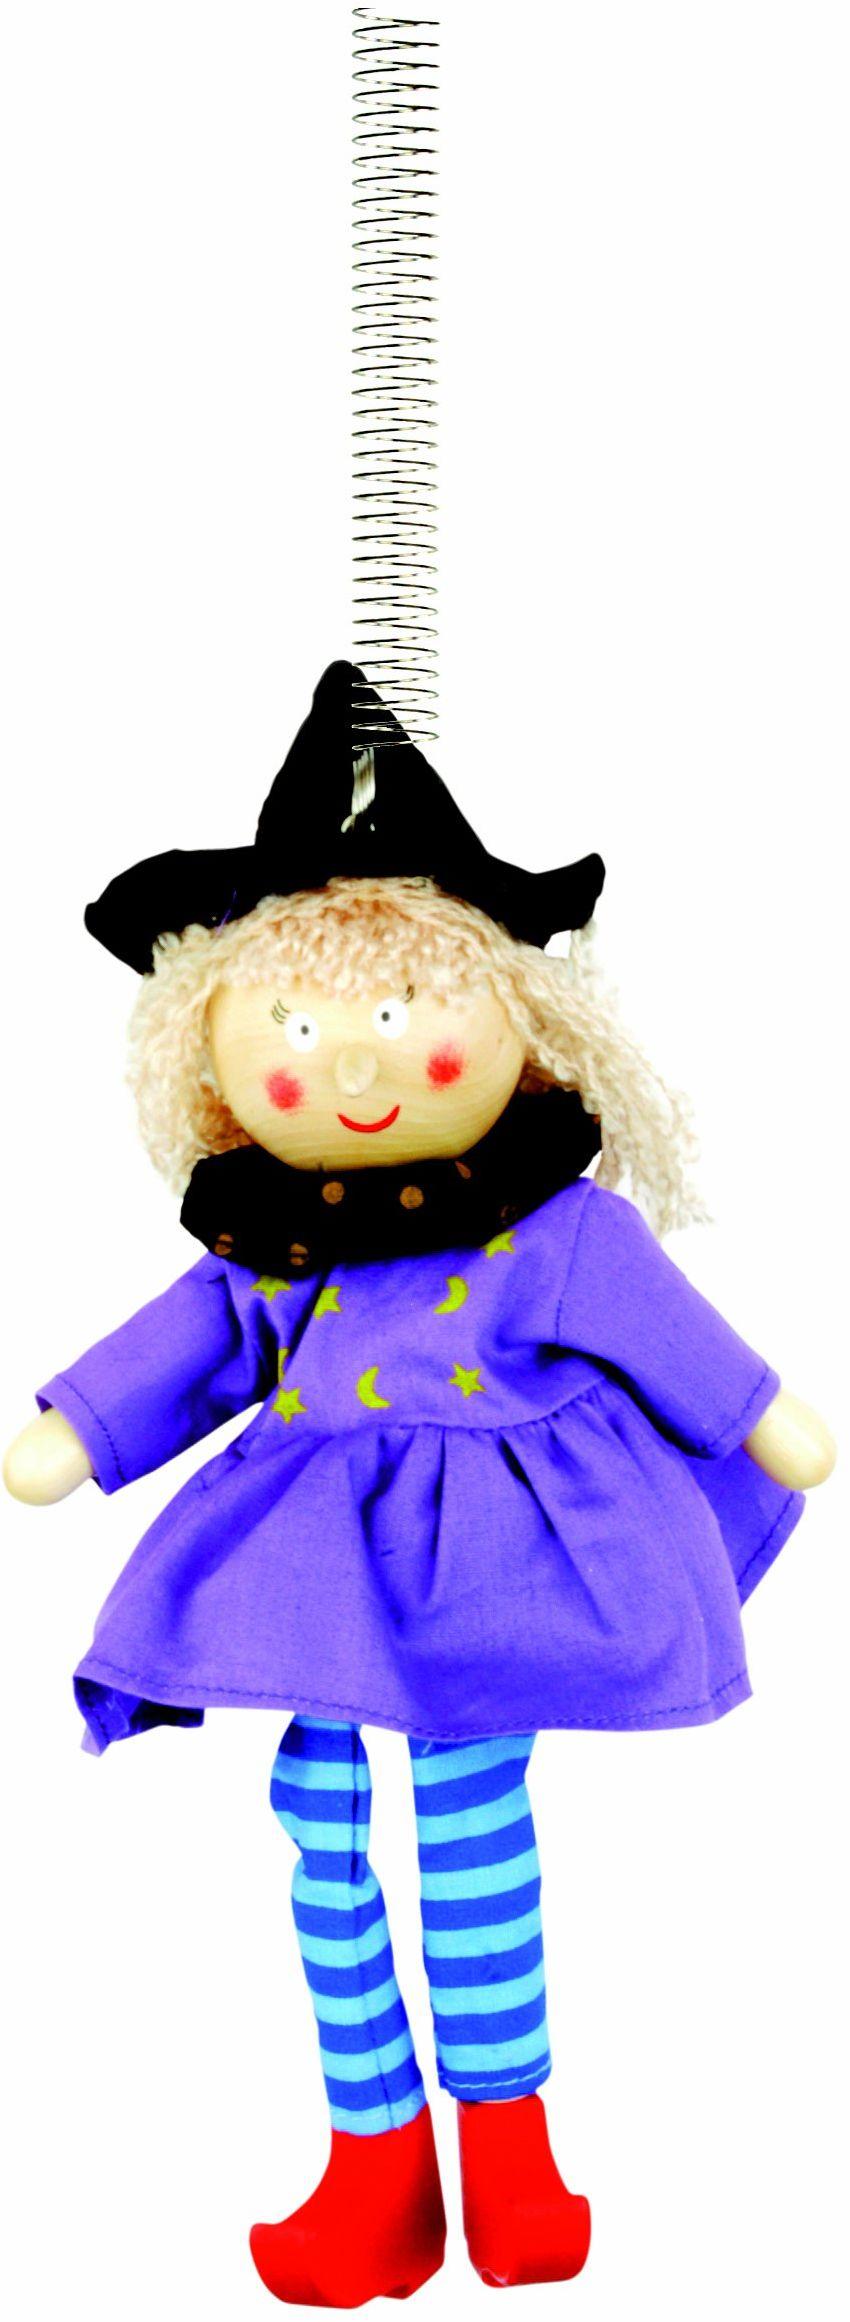 Bino 89532 - figurka dekoracyjna, czarownica